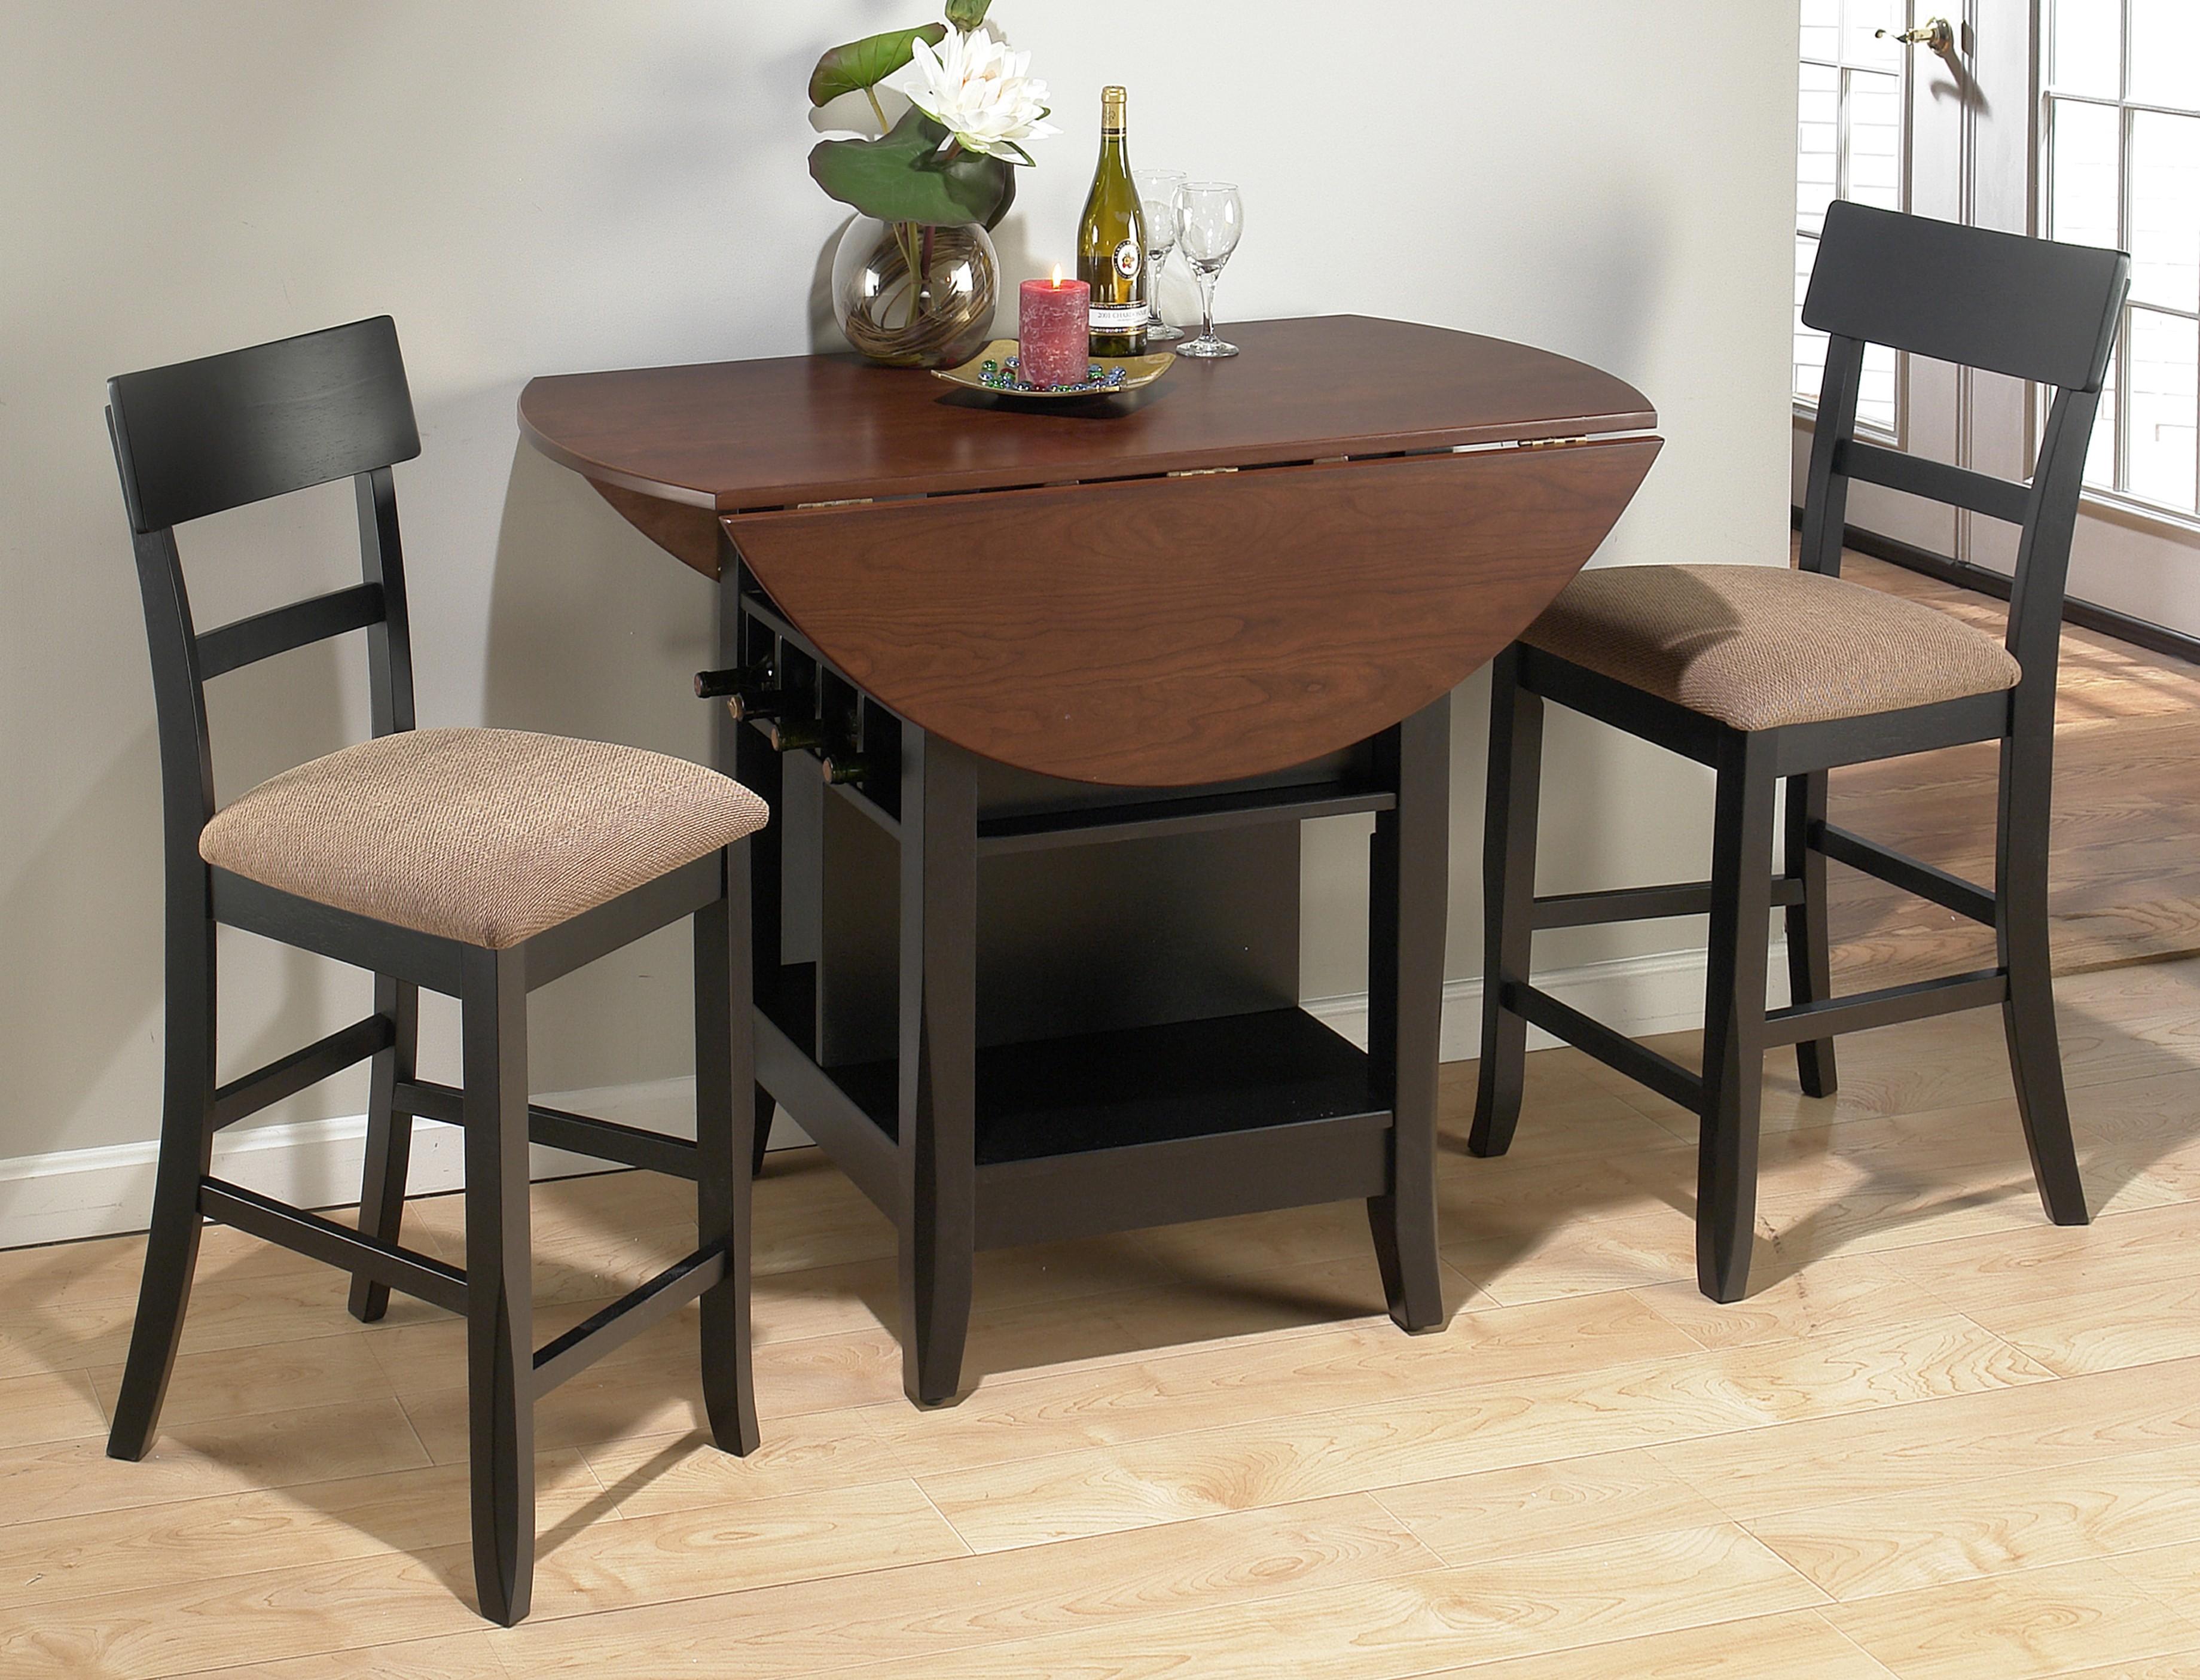 -طاولة طعام خشبية صغيرة قابلة للطي-